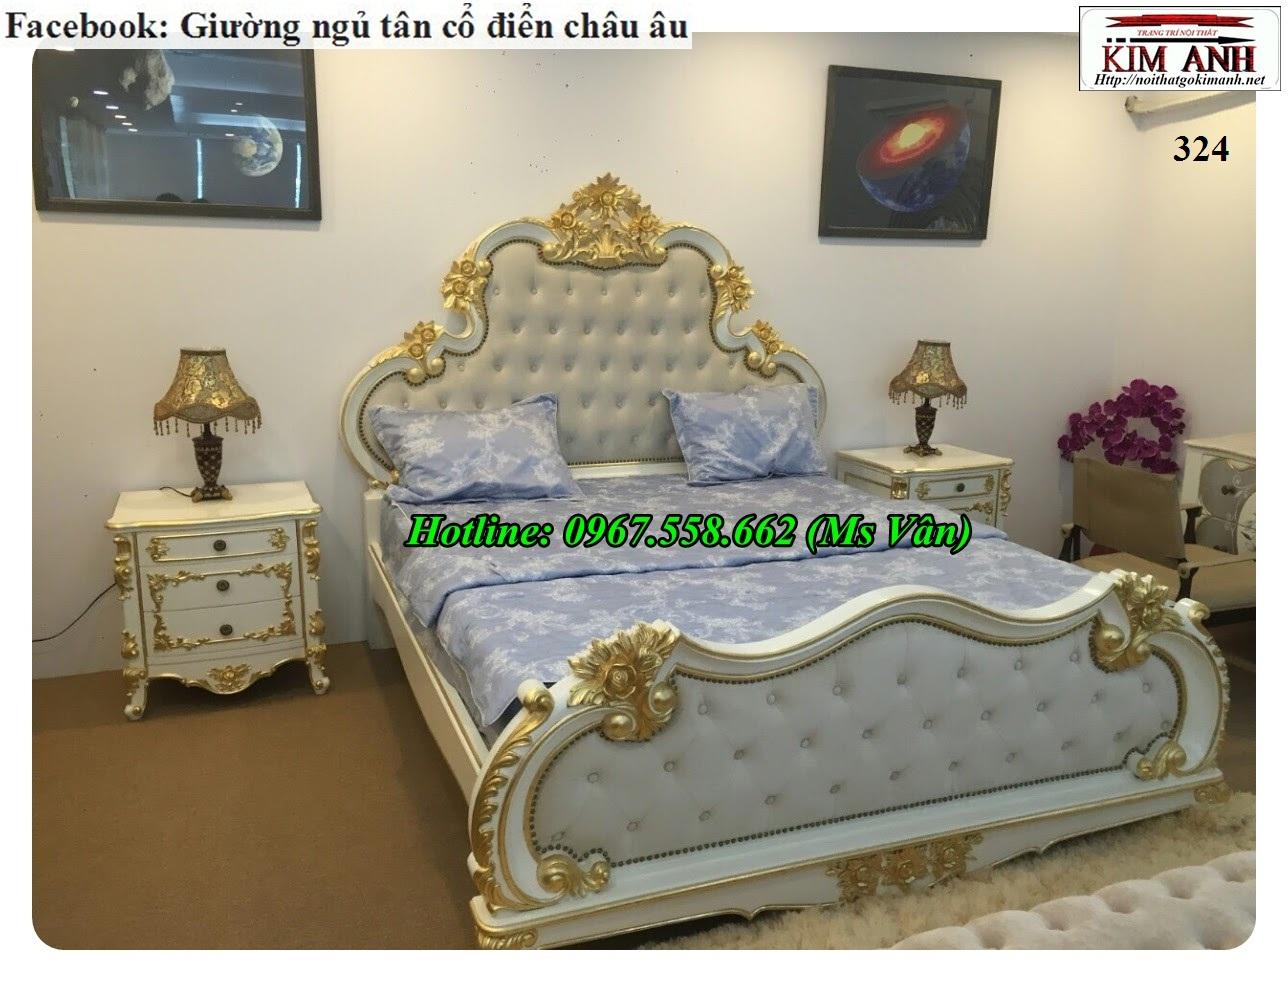 13 Bộ giường tủ màu trắng cổ điển cực đẳng cấp đặt đóng tại xưởng